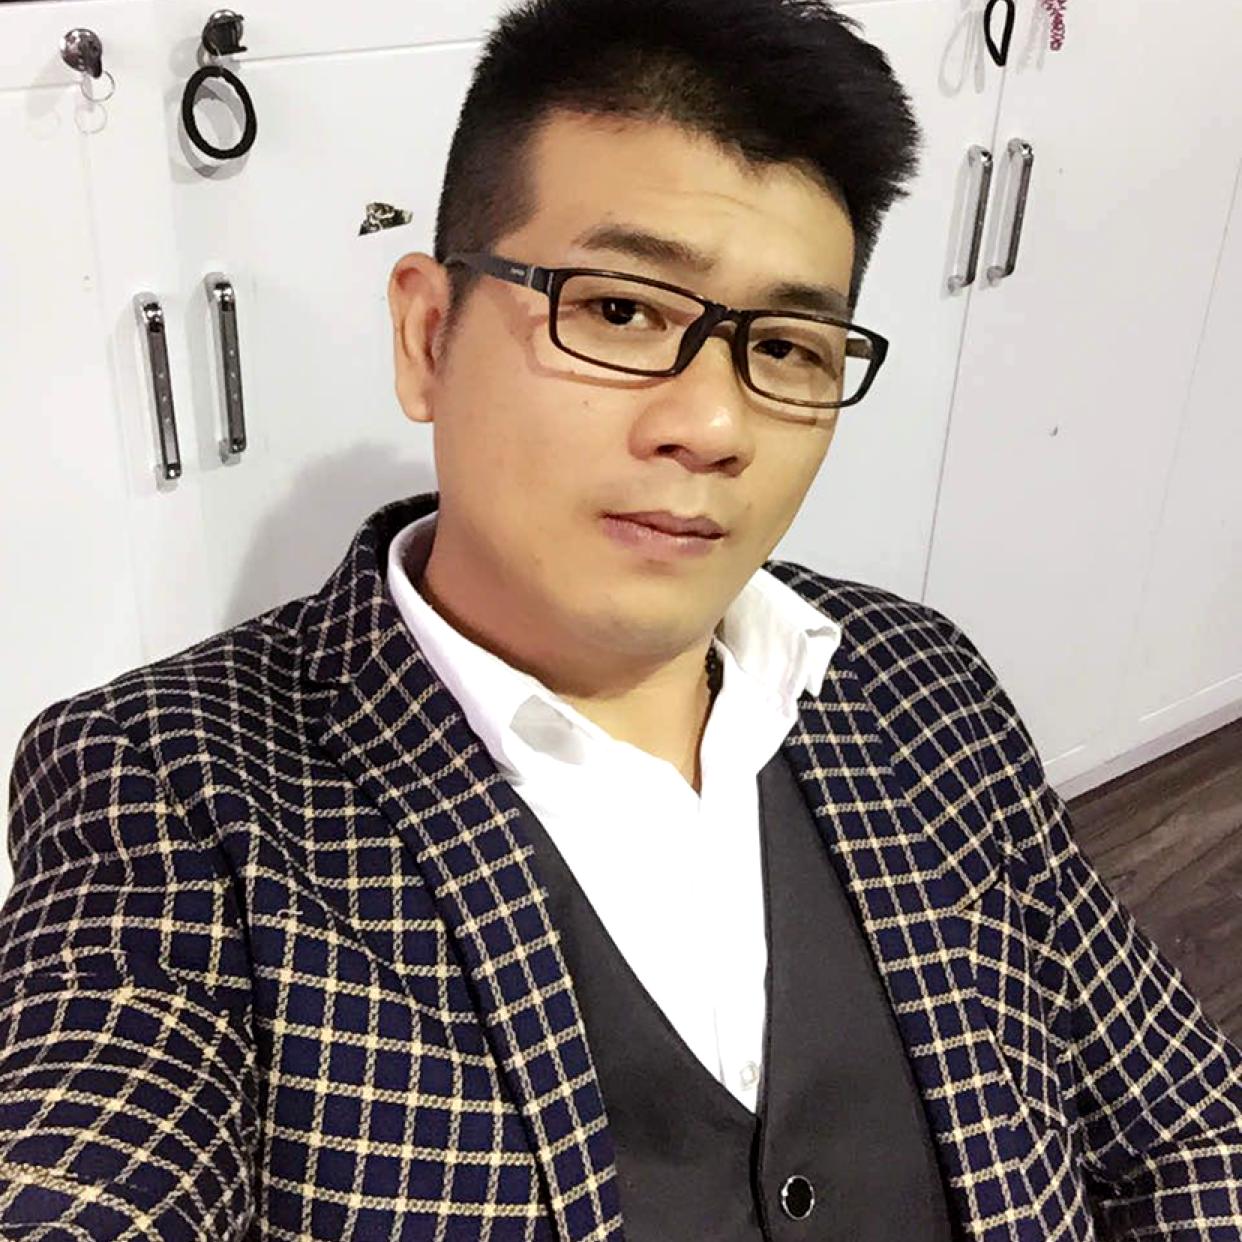 劉爽工作室